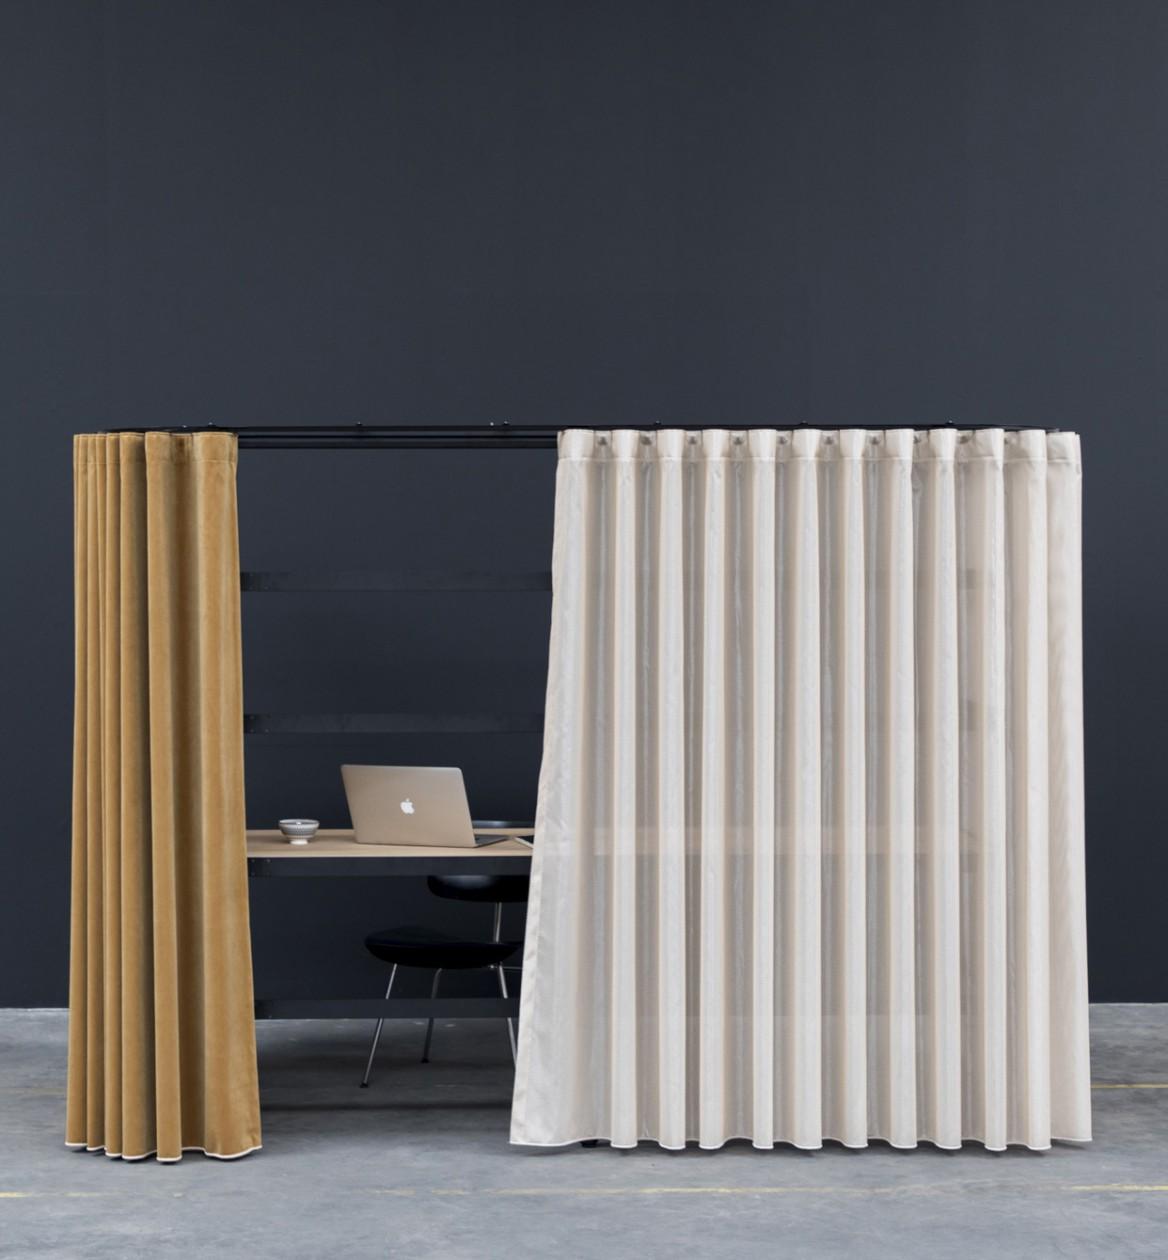 Institut Supérieur De Design Valenciennes about | tim defleur